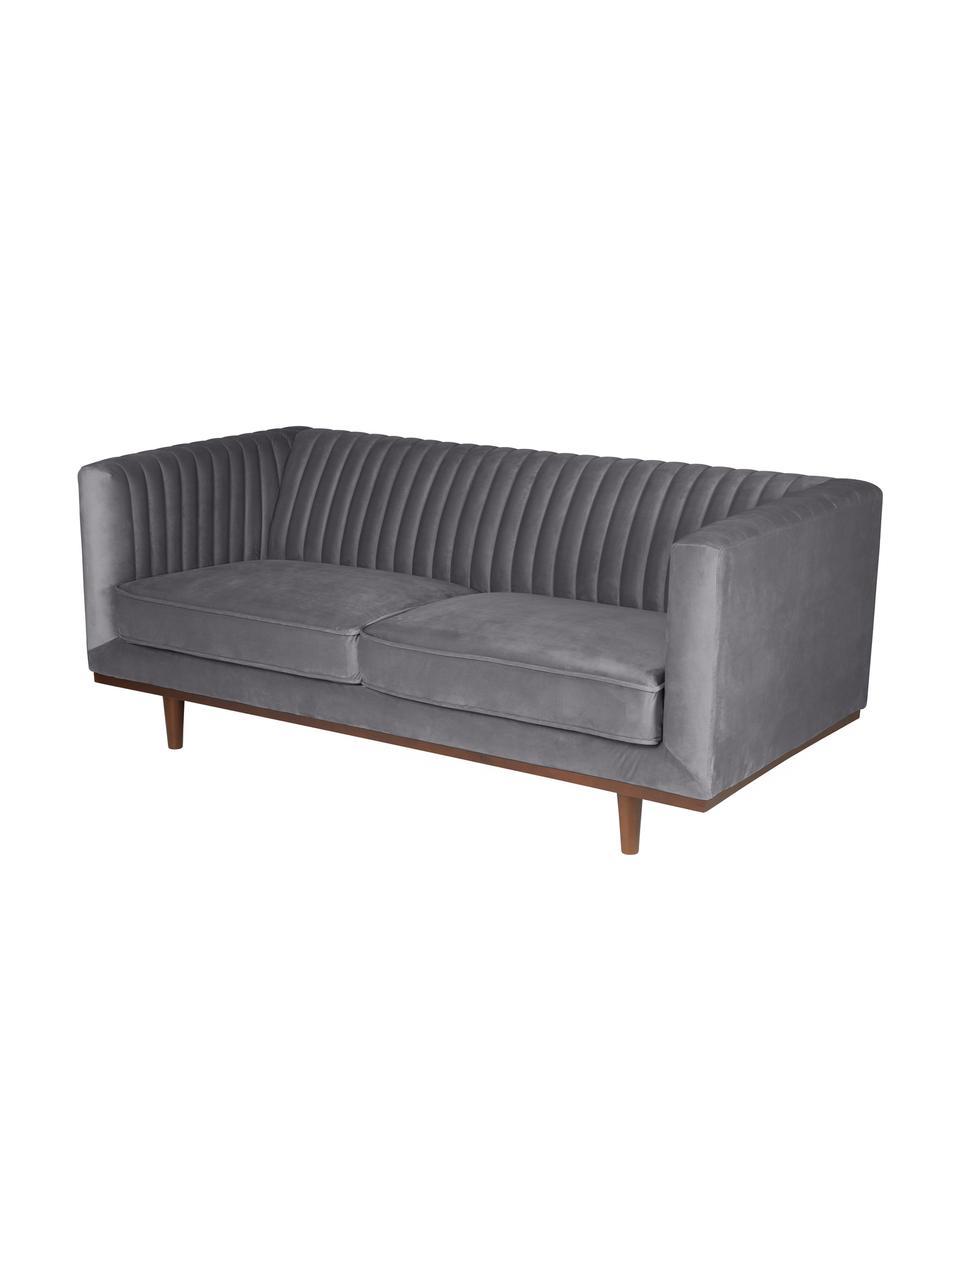 Sofa z aksamitu z drewnianymi nogami Dante (2-osobowa), Tapicerka: poliester 50000 cykli w , Nogi: drewno kauczukowe, lakier, Aksamitny ciemny szary, S 174 x G 87 cm